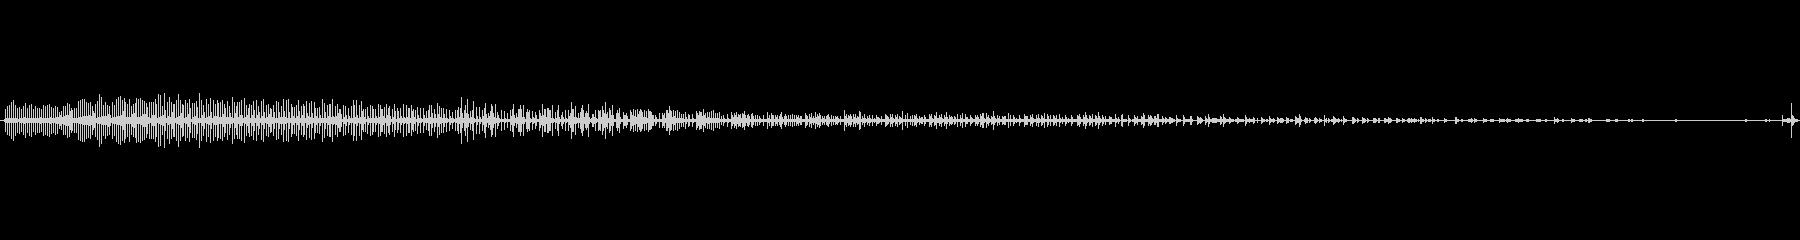 自転車 スピンホイールスポークラトル04の未再生の波形